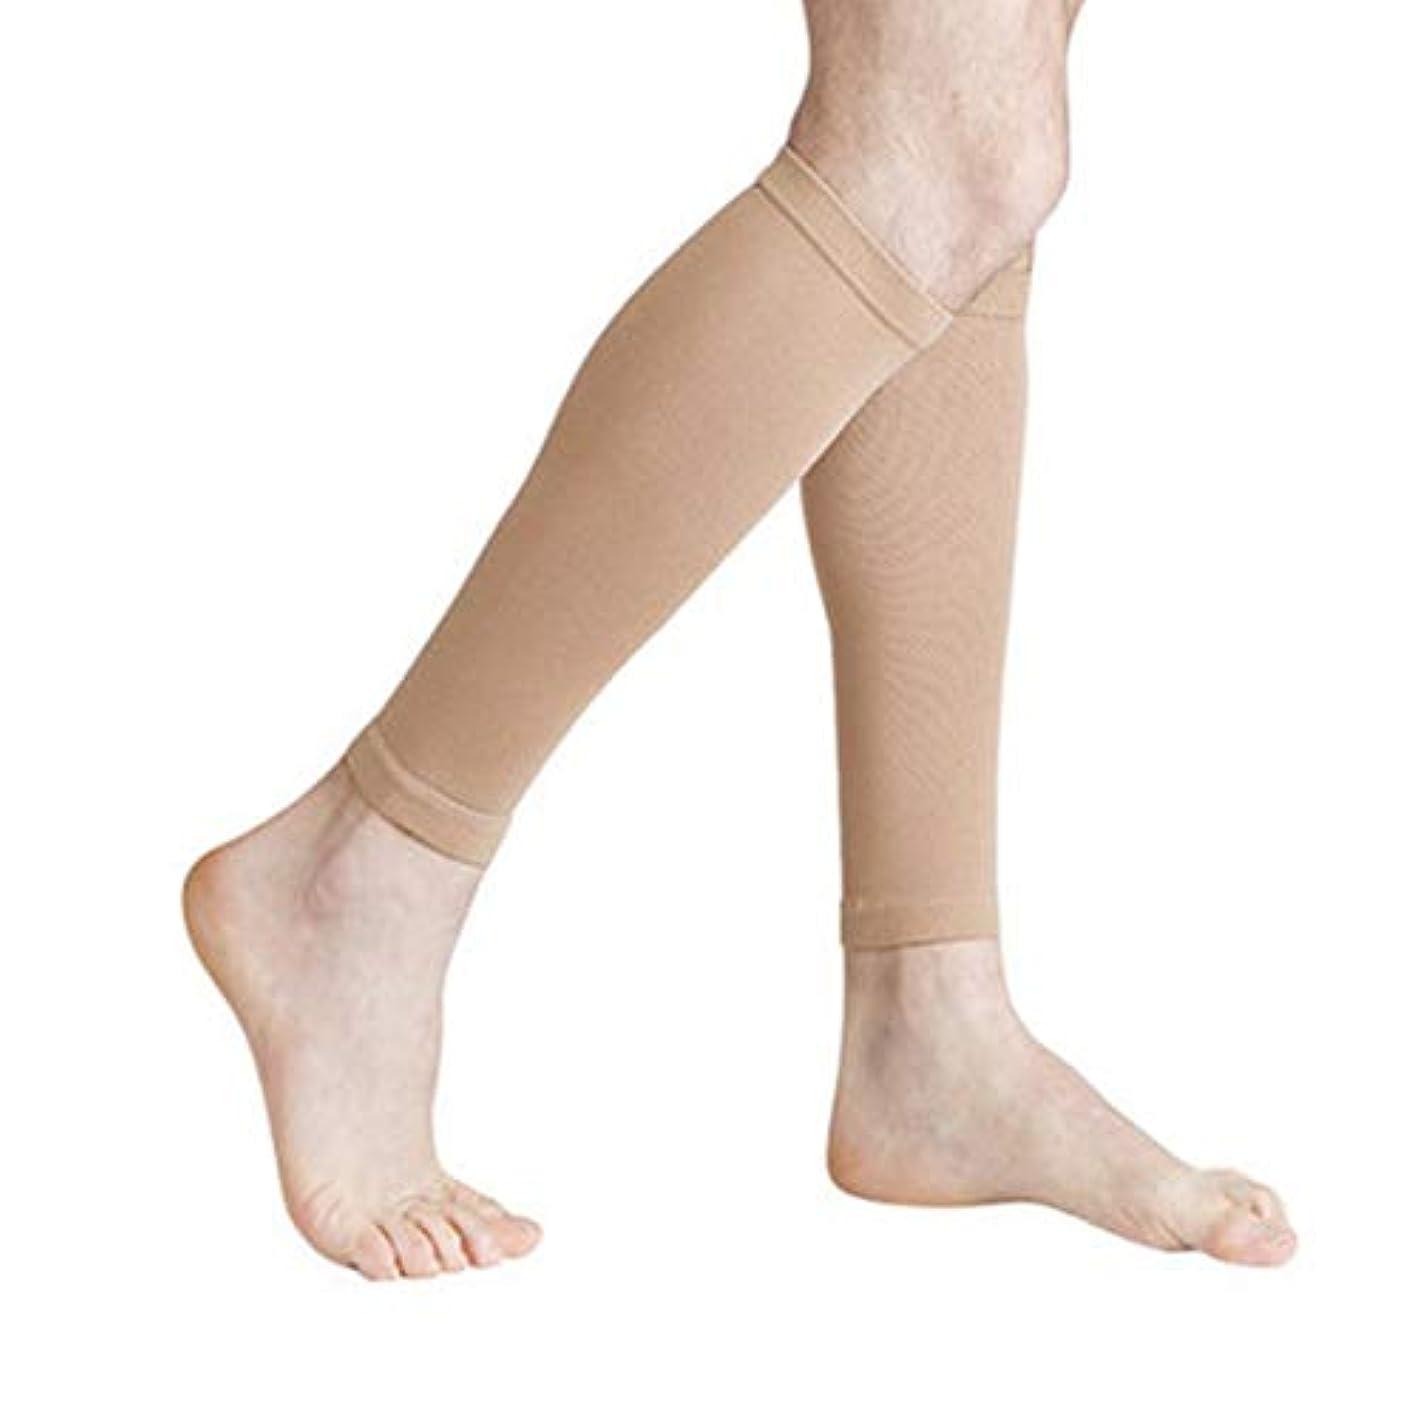 スナップ蓮上陸丈夫な男性女性プロの圧縮靴下通気性のある旅行活動看護師用シントスプリントフライトトラベル - 肌色